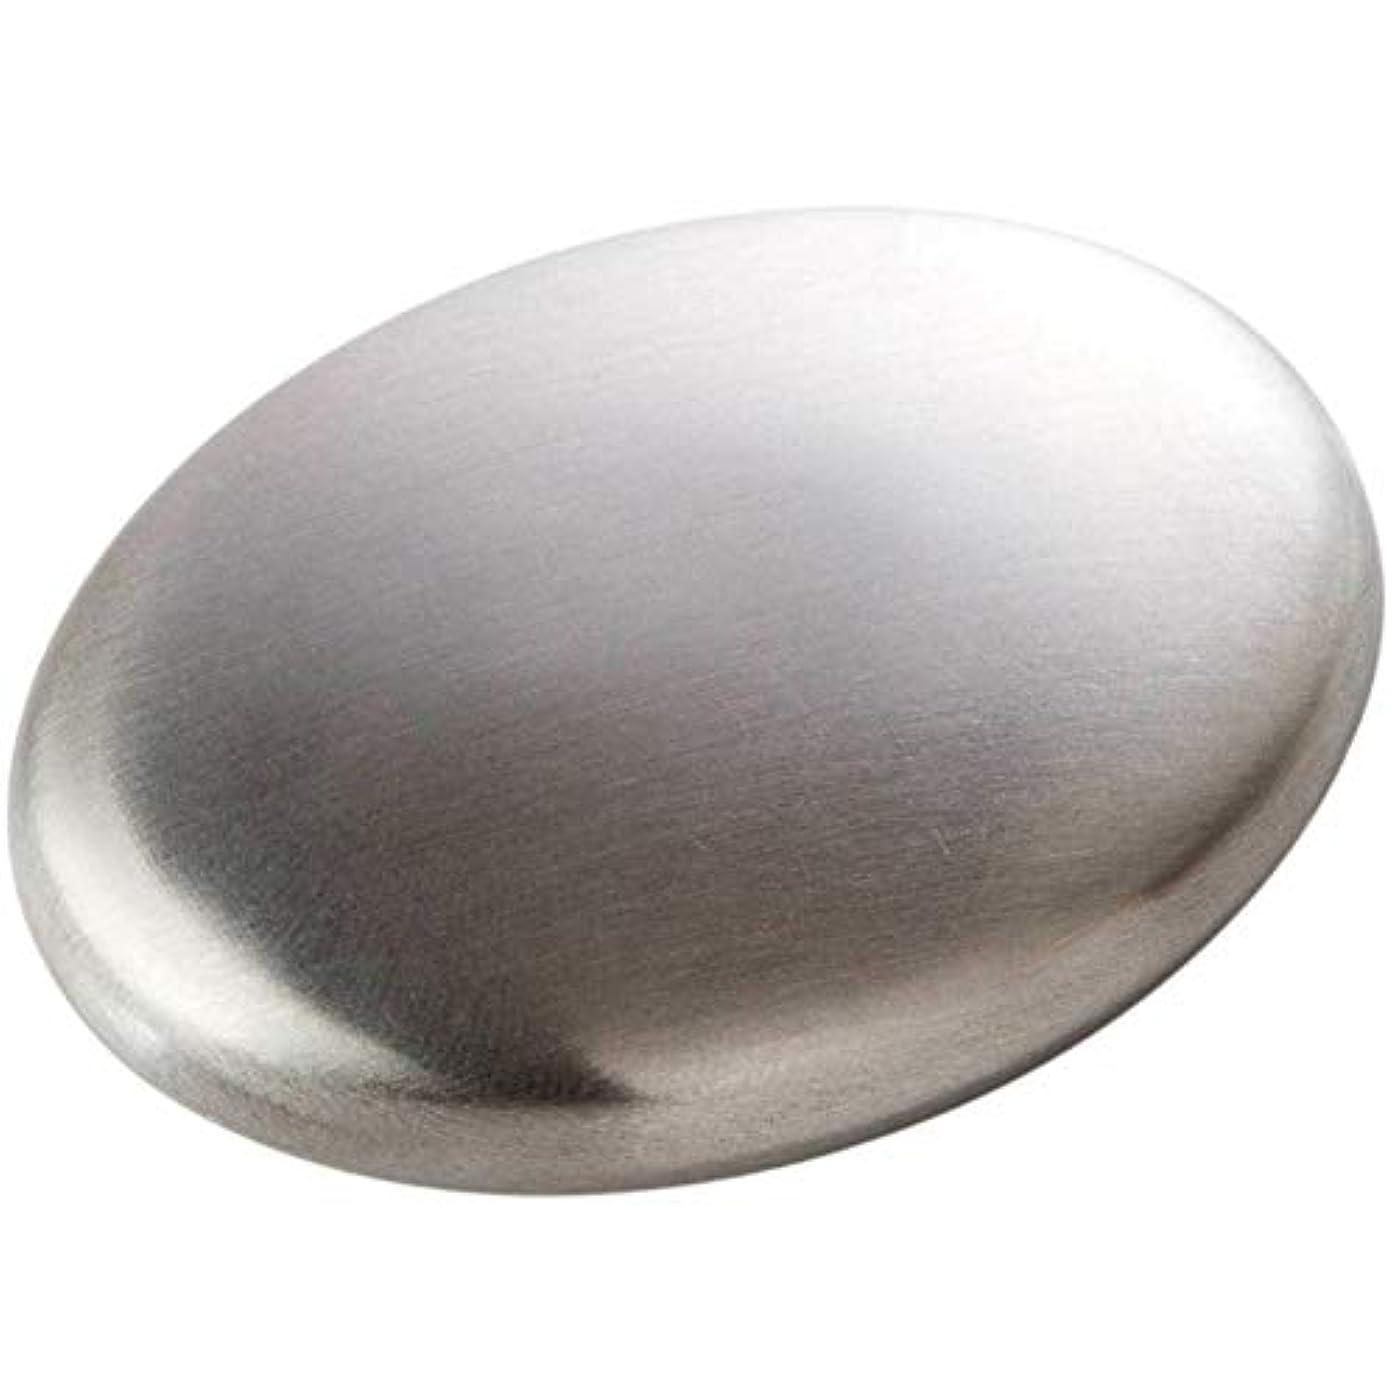 ゴム廃止する気味の悪いせっけん ステンレス鋼 消臭 石鹸 にんにくと魚のような臭いを取り除き ステンレス鋼 臭気除去剤 匂い除去剤 最新型 人気 実用的 Cutelove